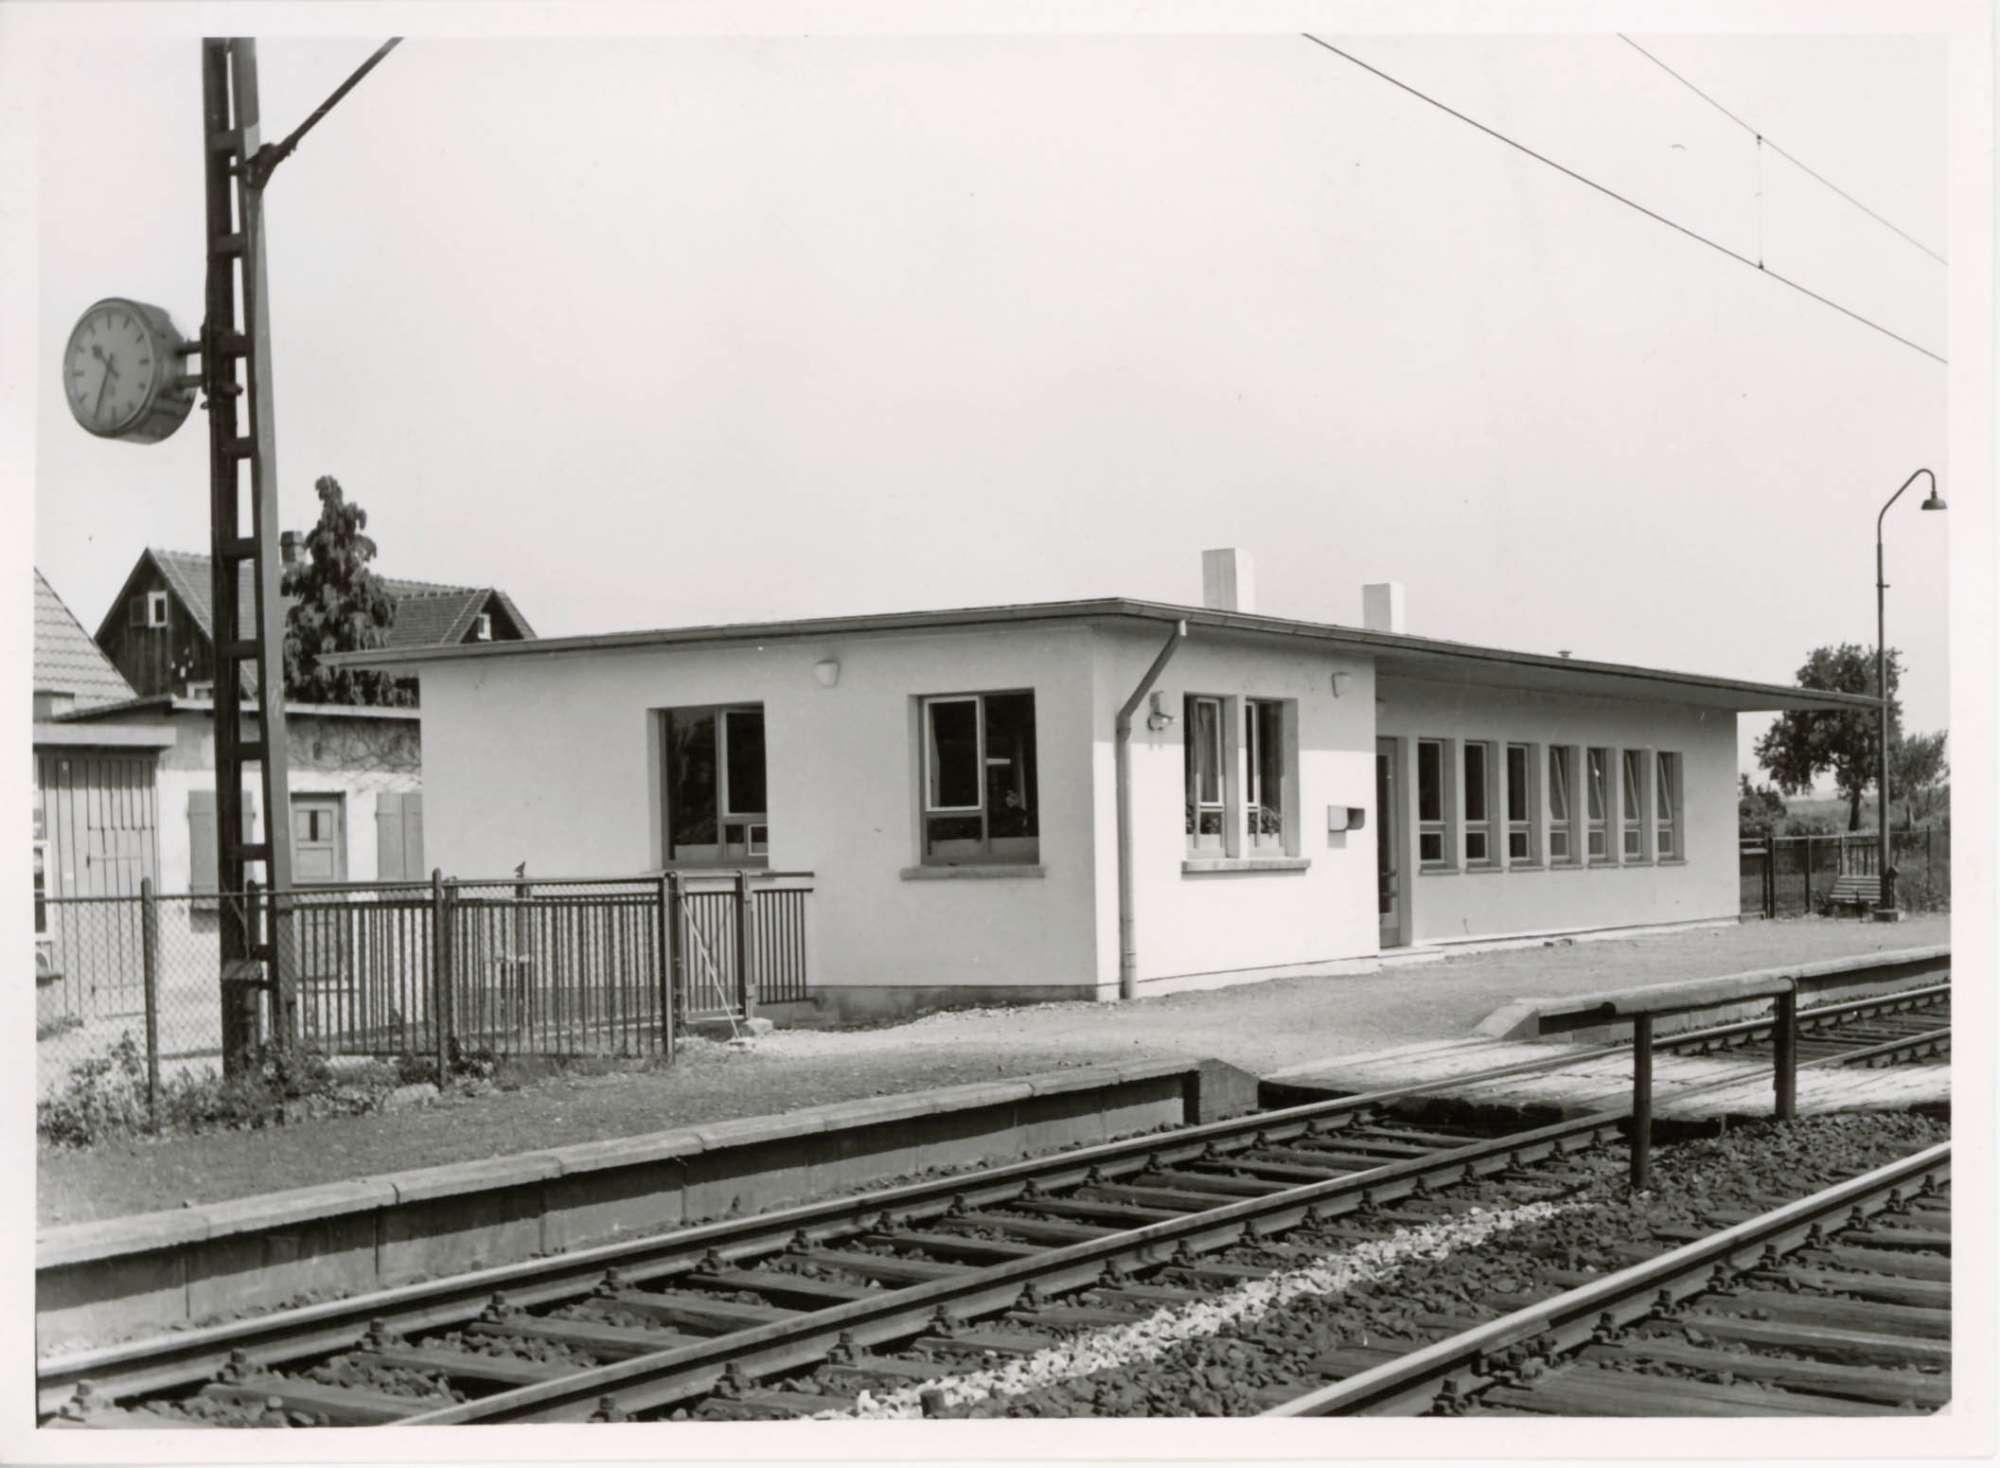 Sersheim: 16 Fotos, Bild 1